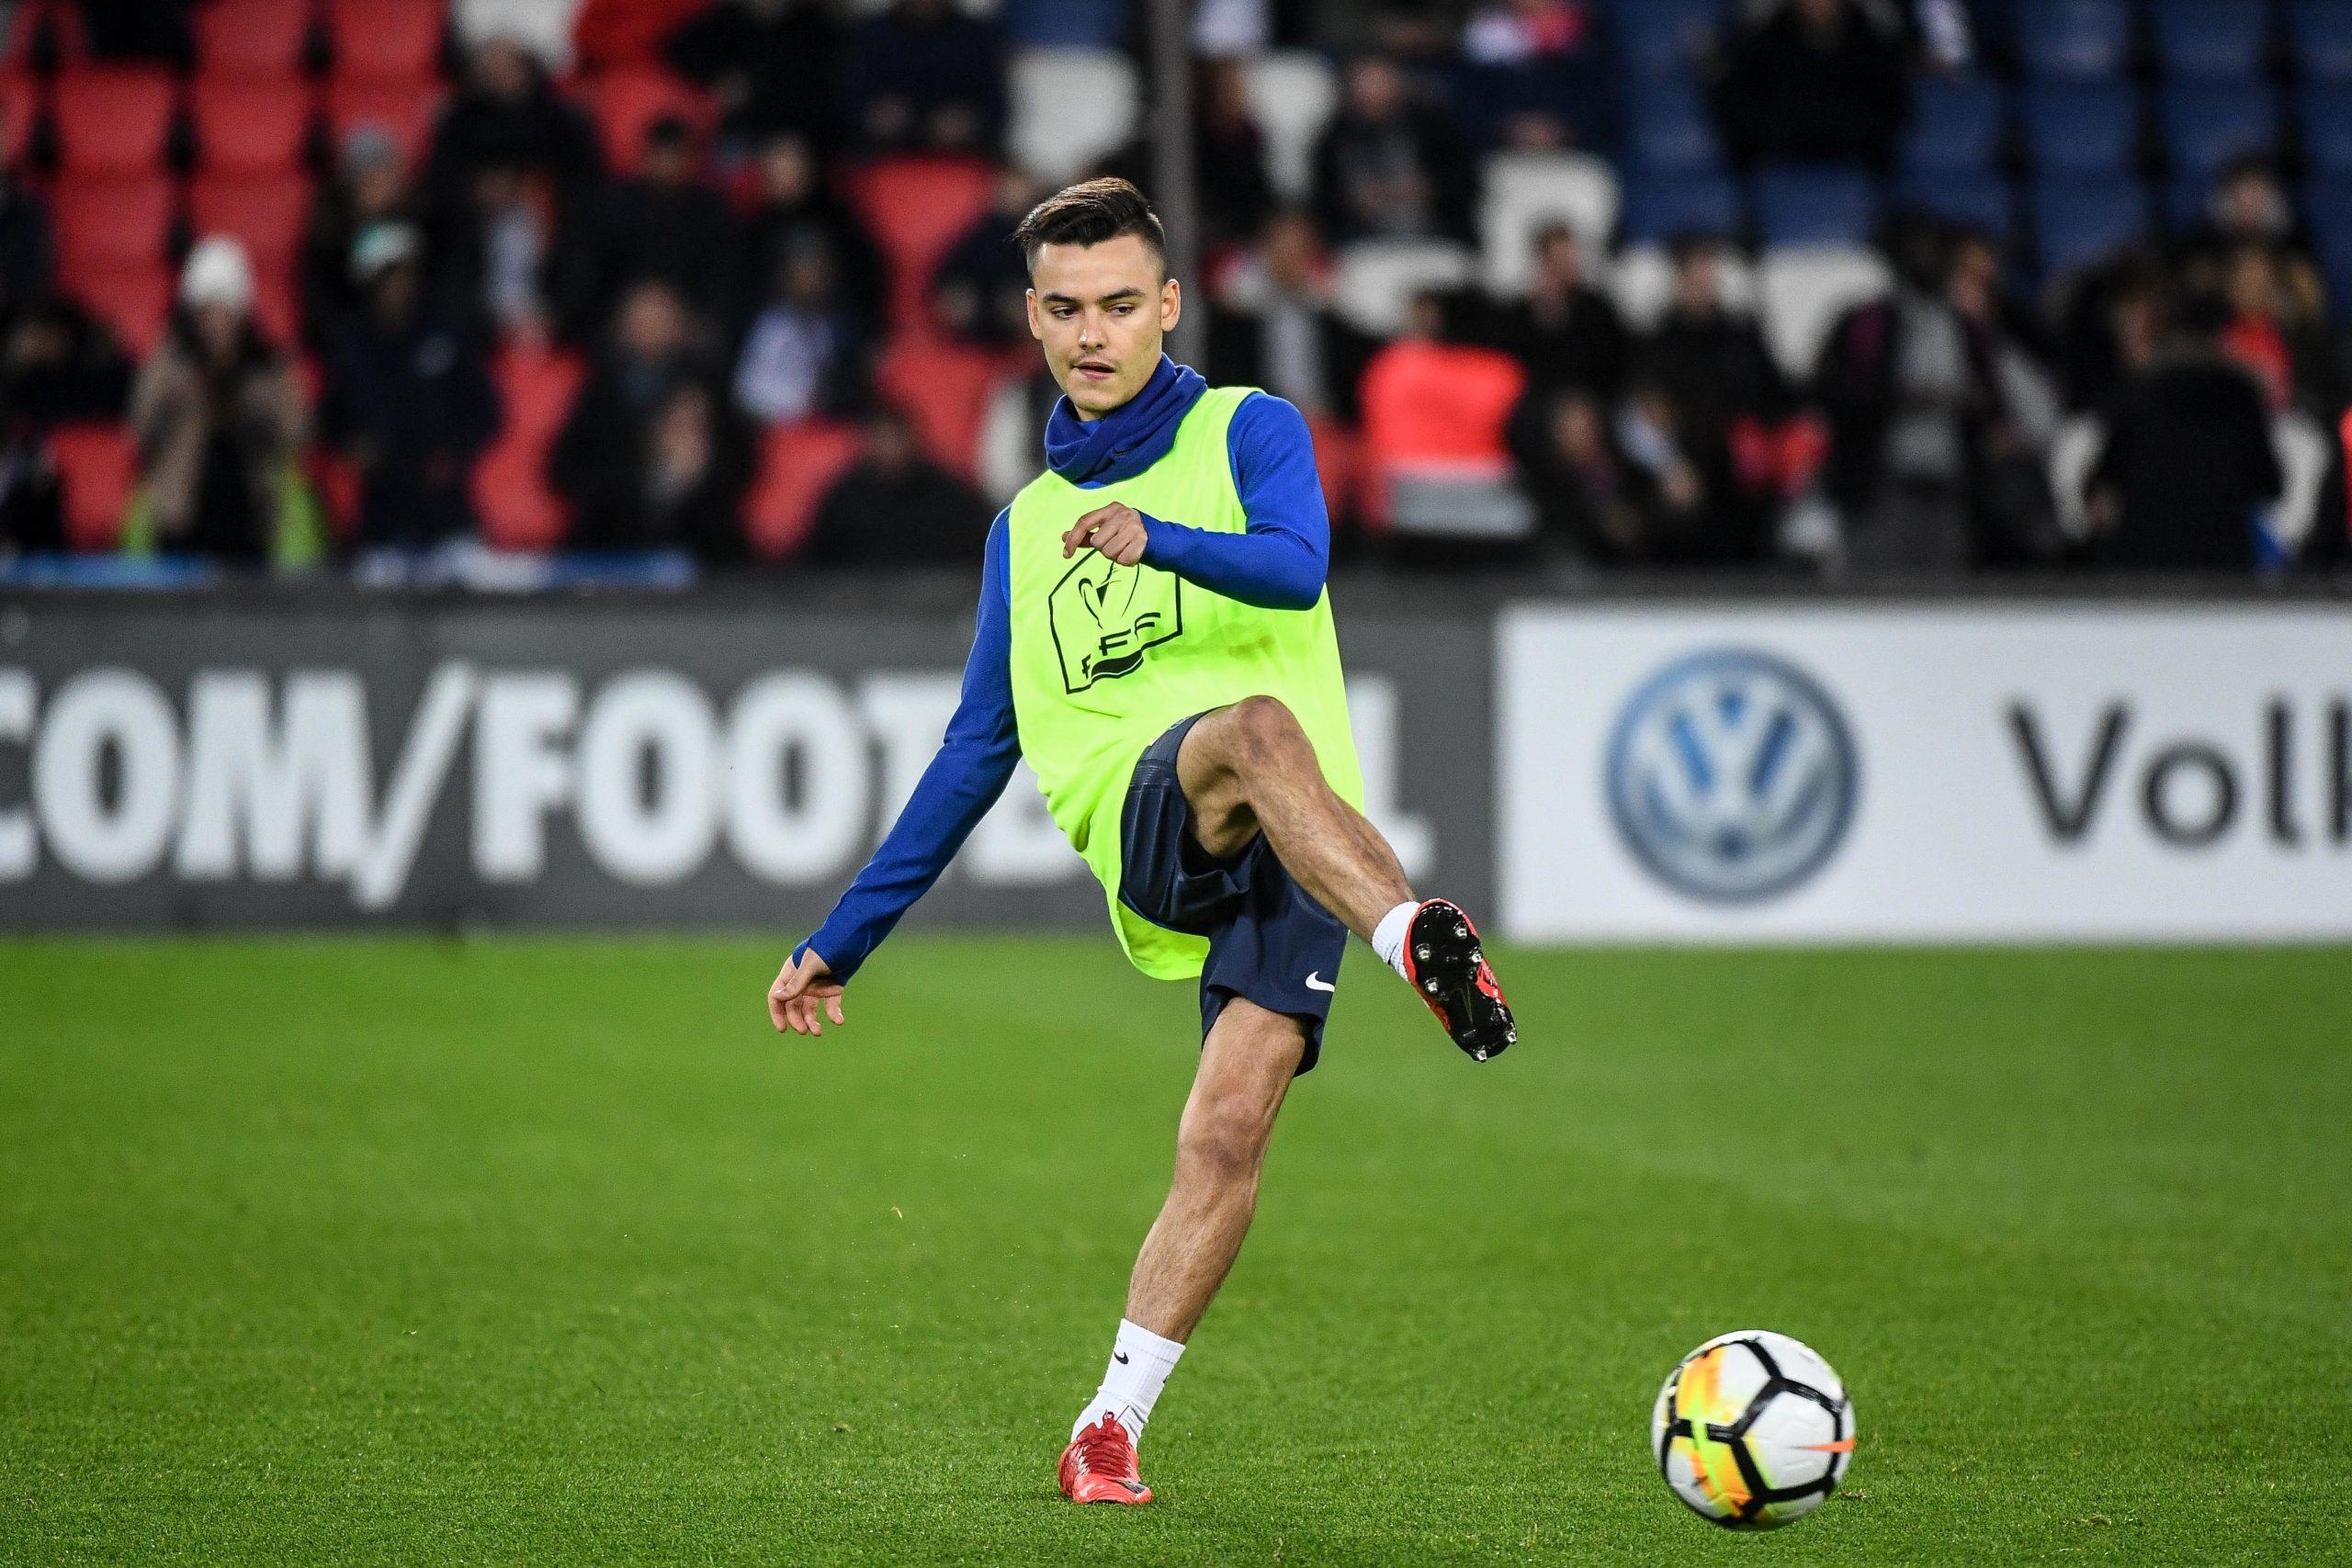 Alec Georgen évoque son passage au PSG, une colère de Zlatan Ibrahimovic et son départ